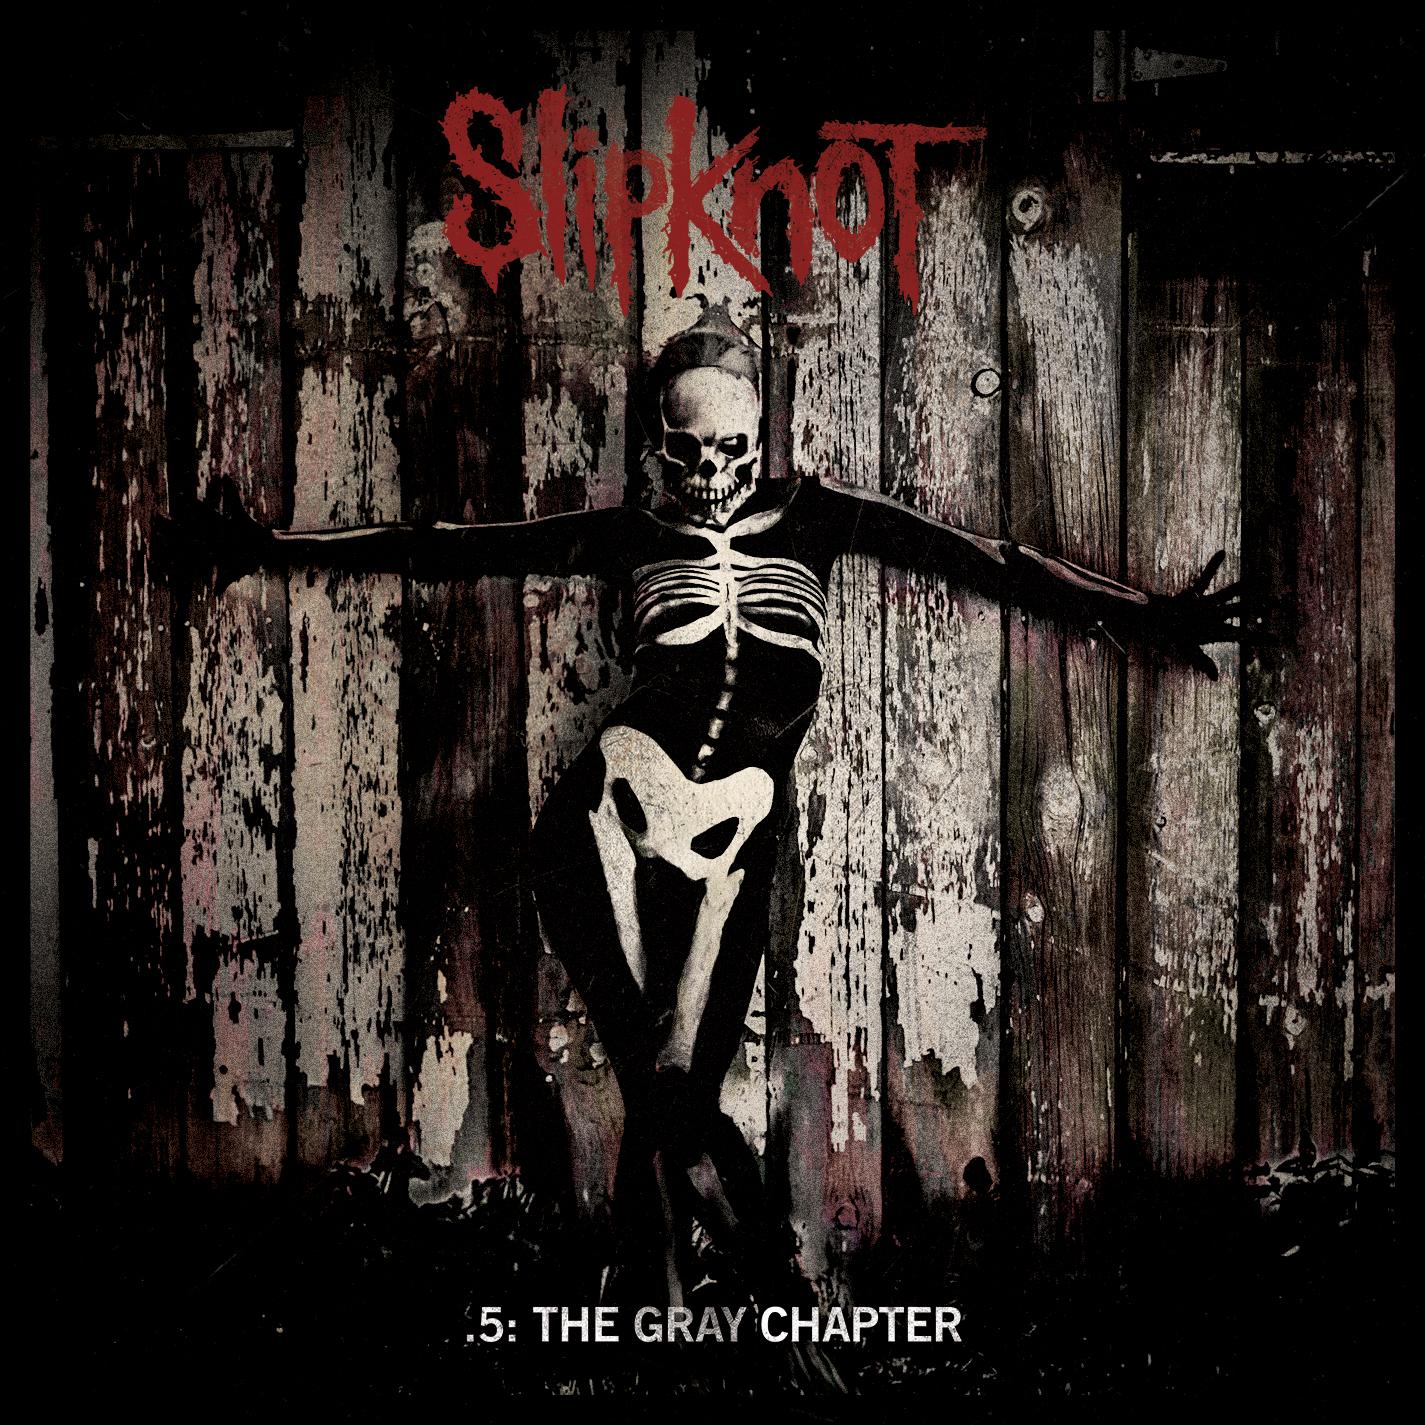 Slipknot .5: THE GRAY CHAPTER